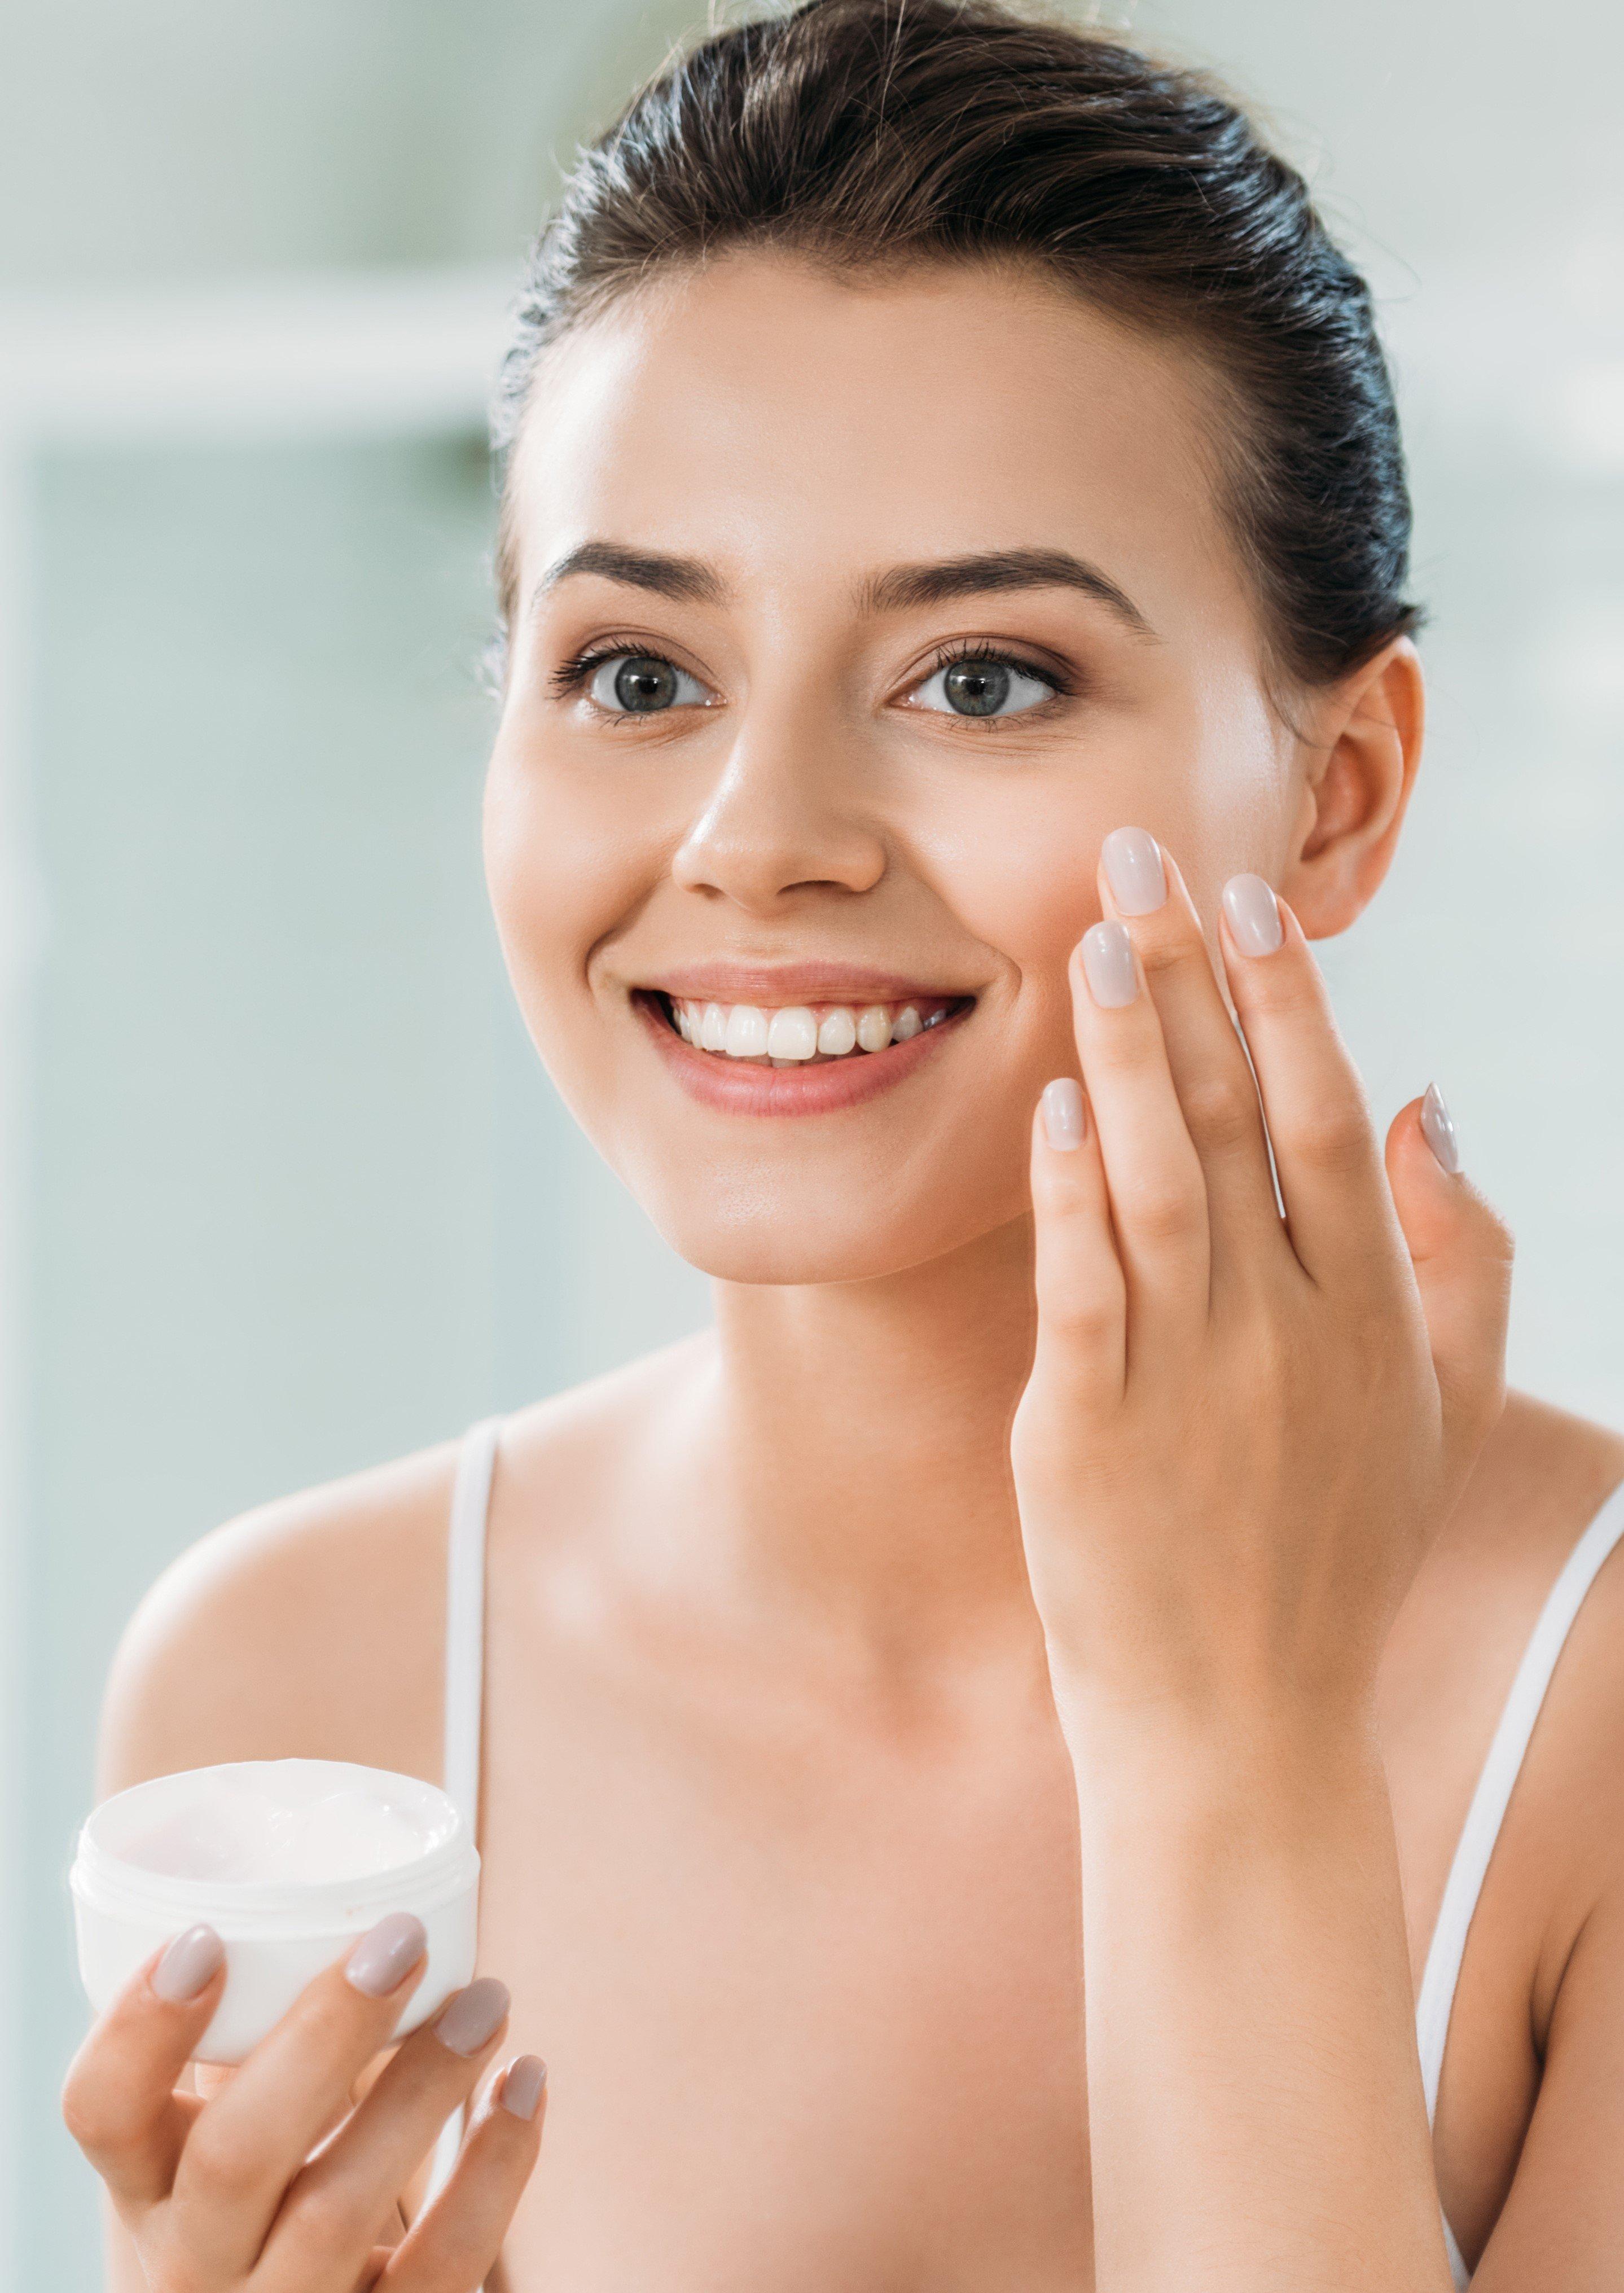 meilleurs soins de la peau pour éviter les éruptions de masque et utiliser sous votre masque pour prévenir le masque